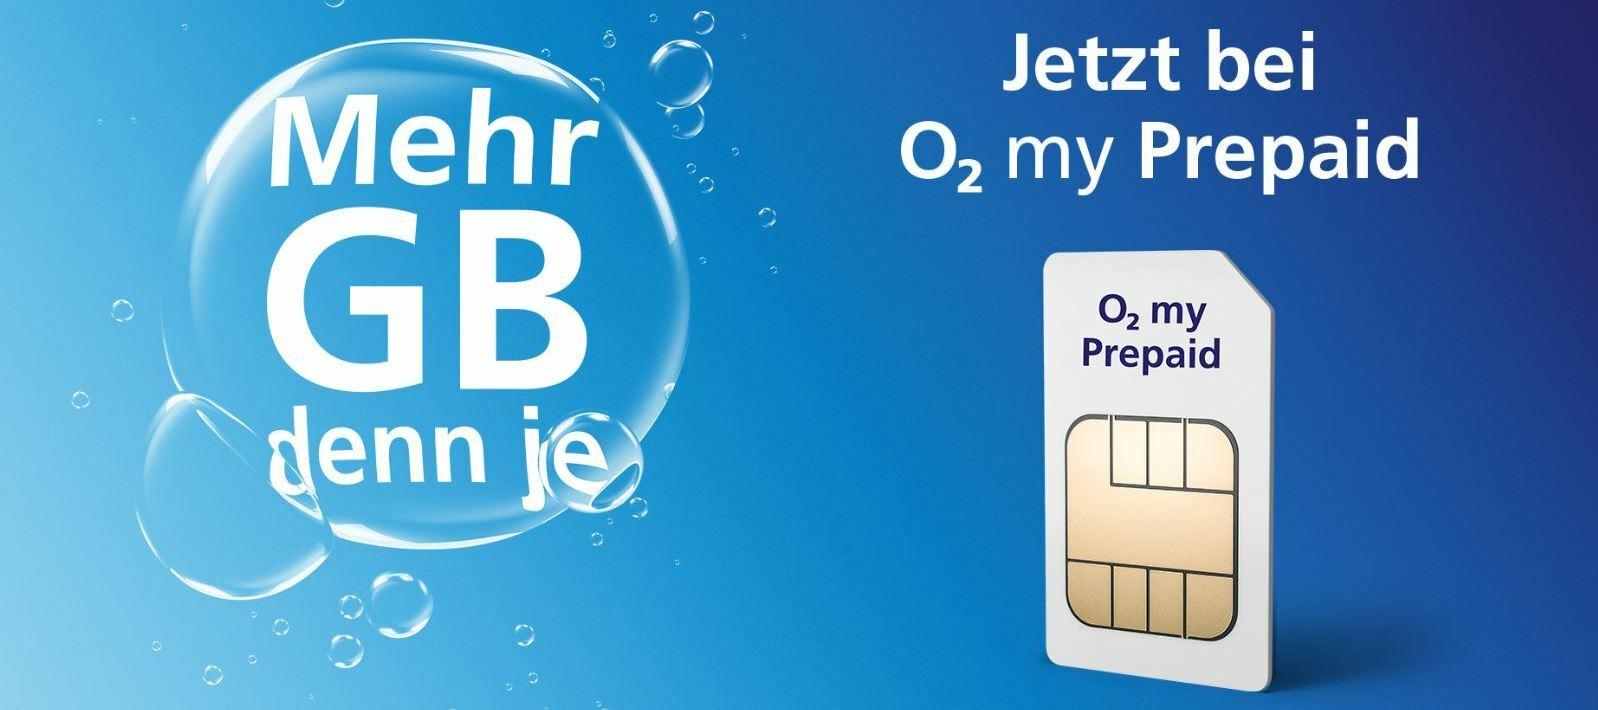 O₂ Prepaid: Jetzt 150 GB für 14,99 EUR.